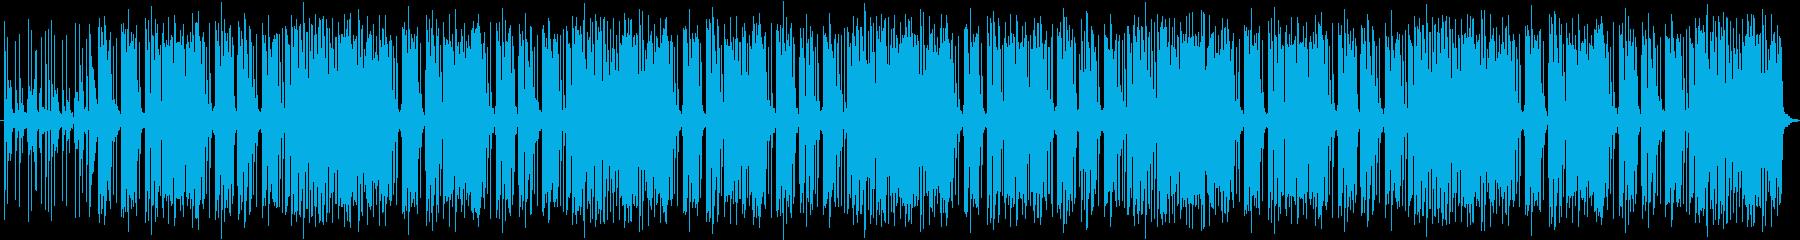 アコースティックベースとサックス主体の再生済みの波形